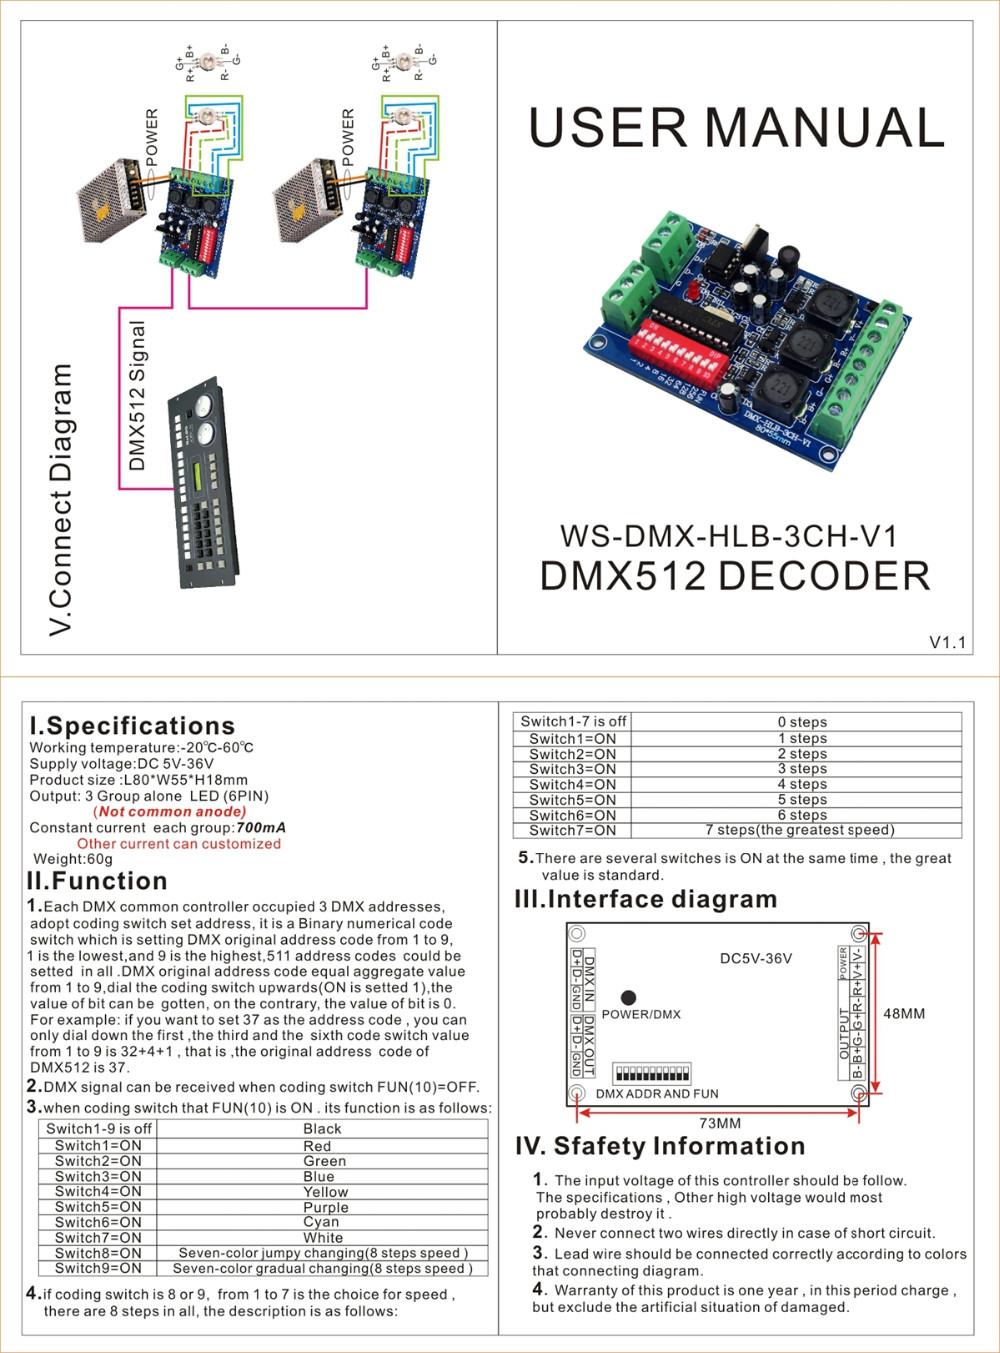 DMX_Controller_WS_DMX_HLB_3CH_700MA_1